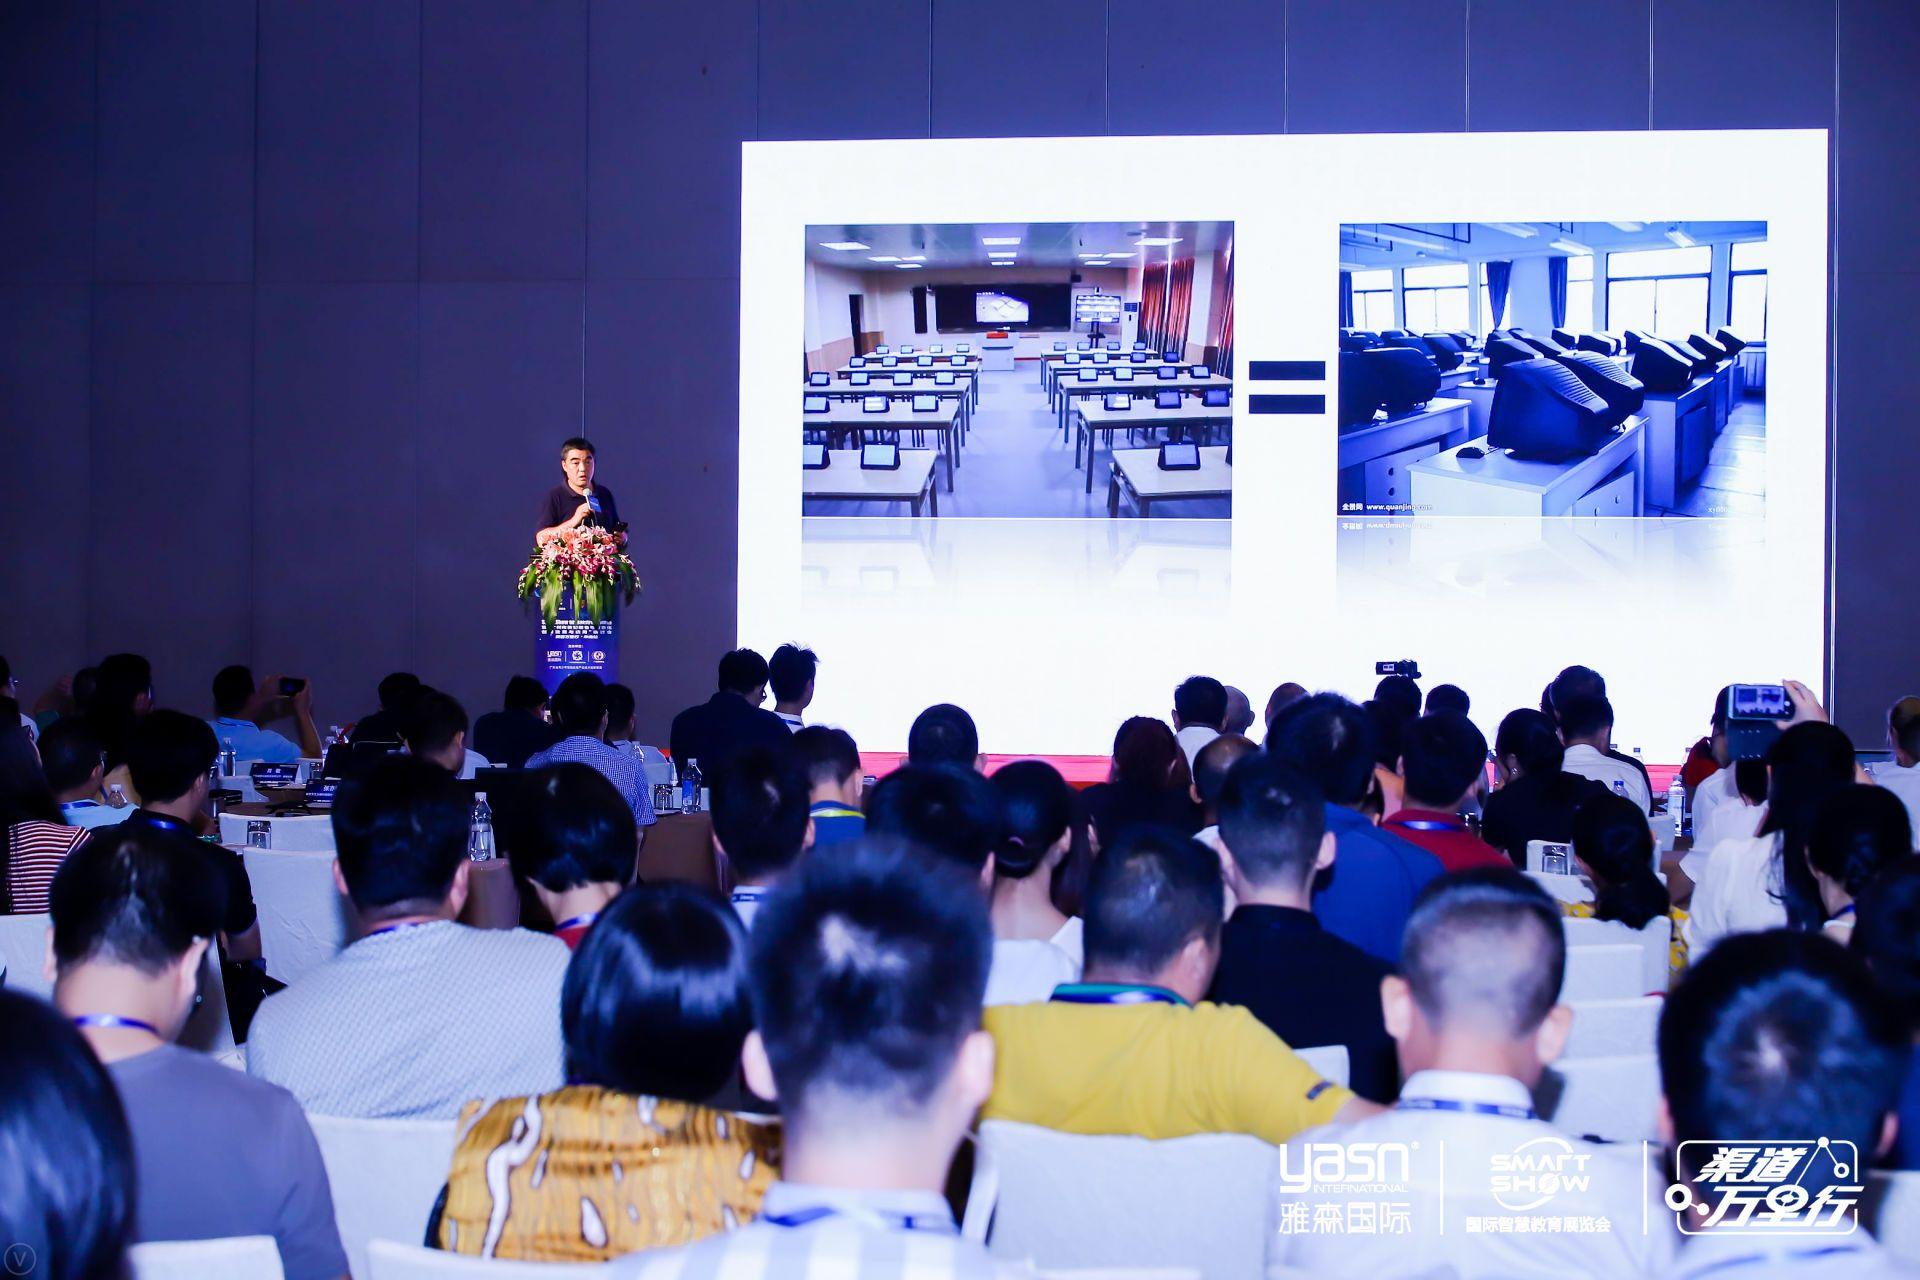 SmartShow2020智慧教育领袖峰会  渠道万里行-浙江站